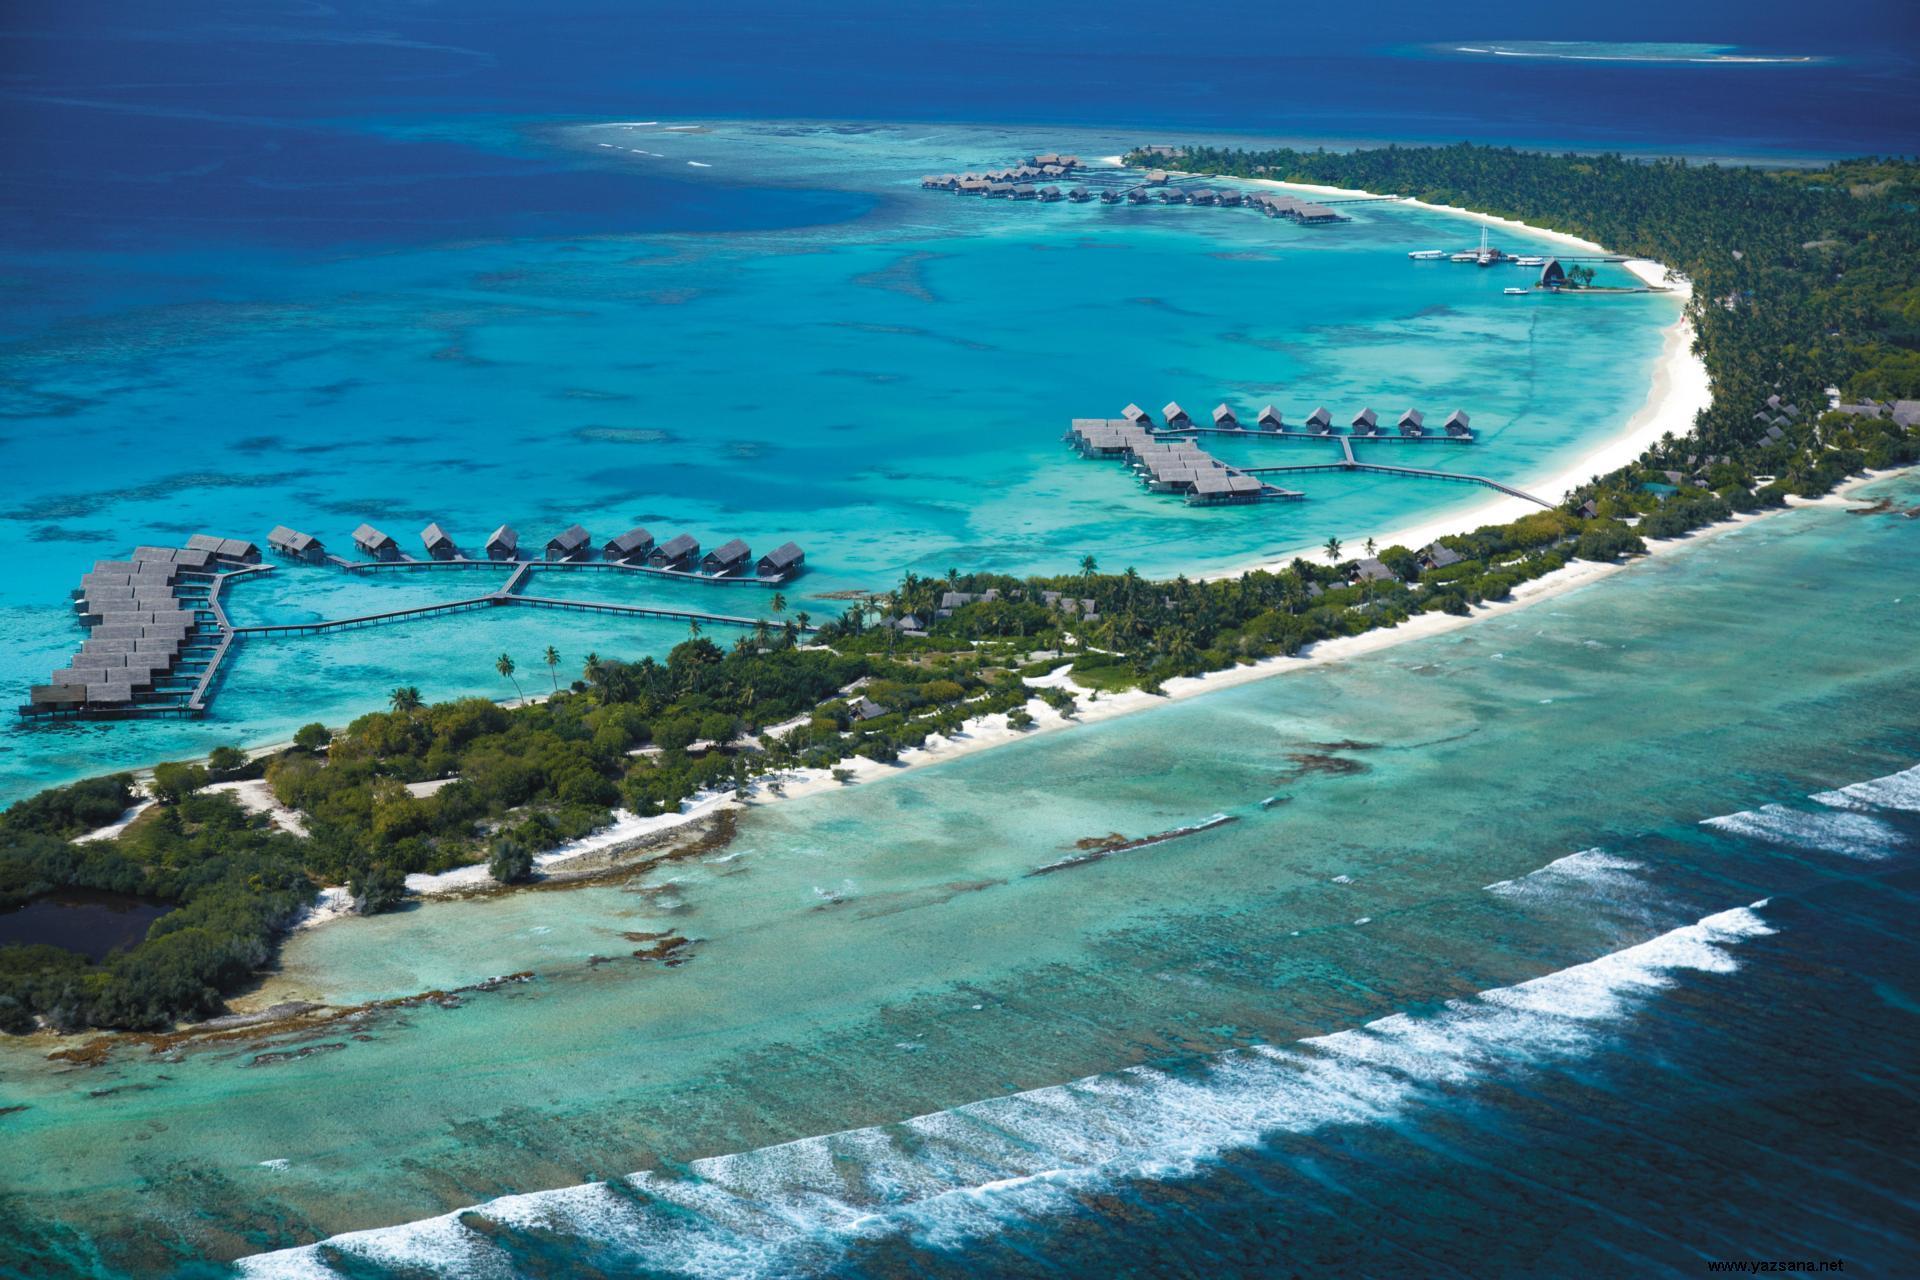 Сейшелы и Мальдивы могут исчезнуть с лица Земли